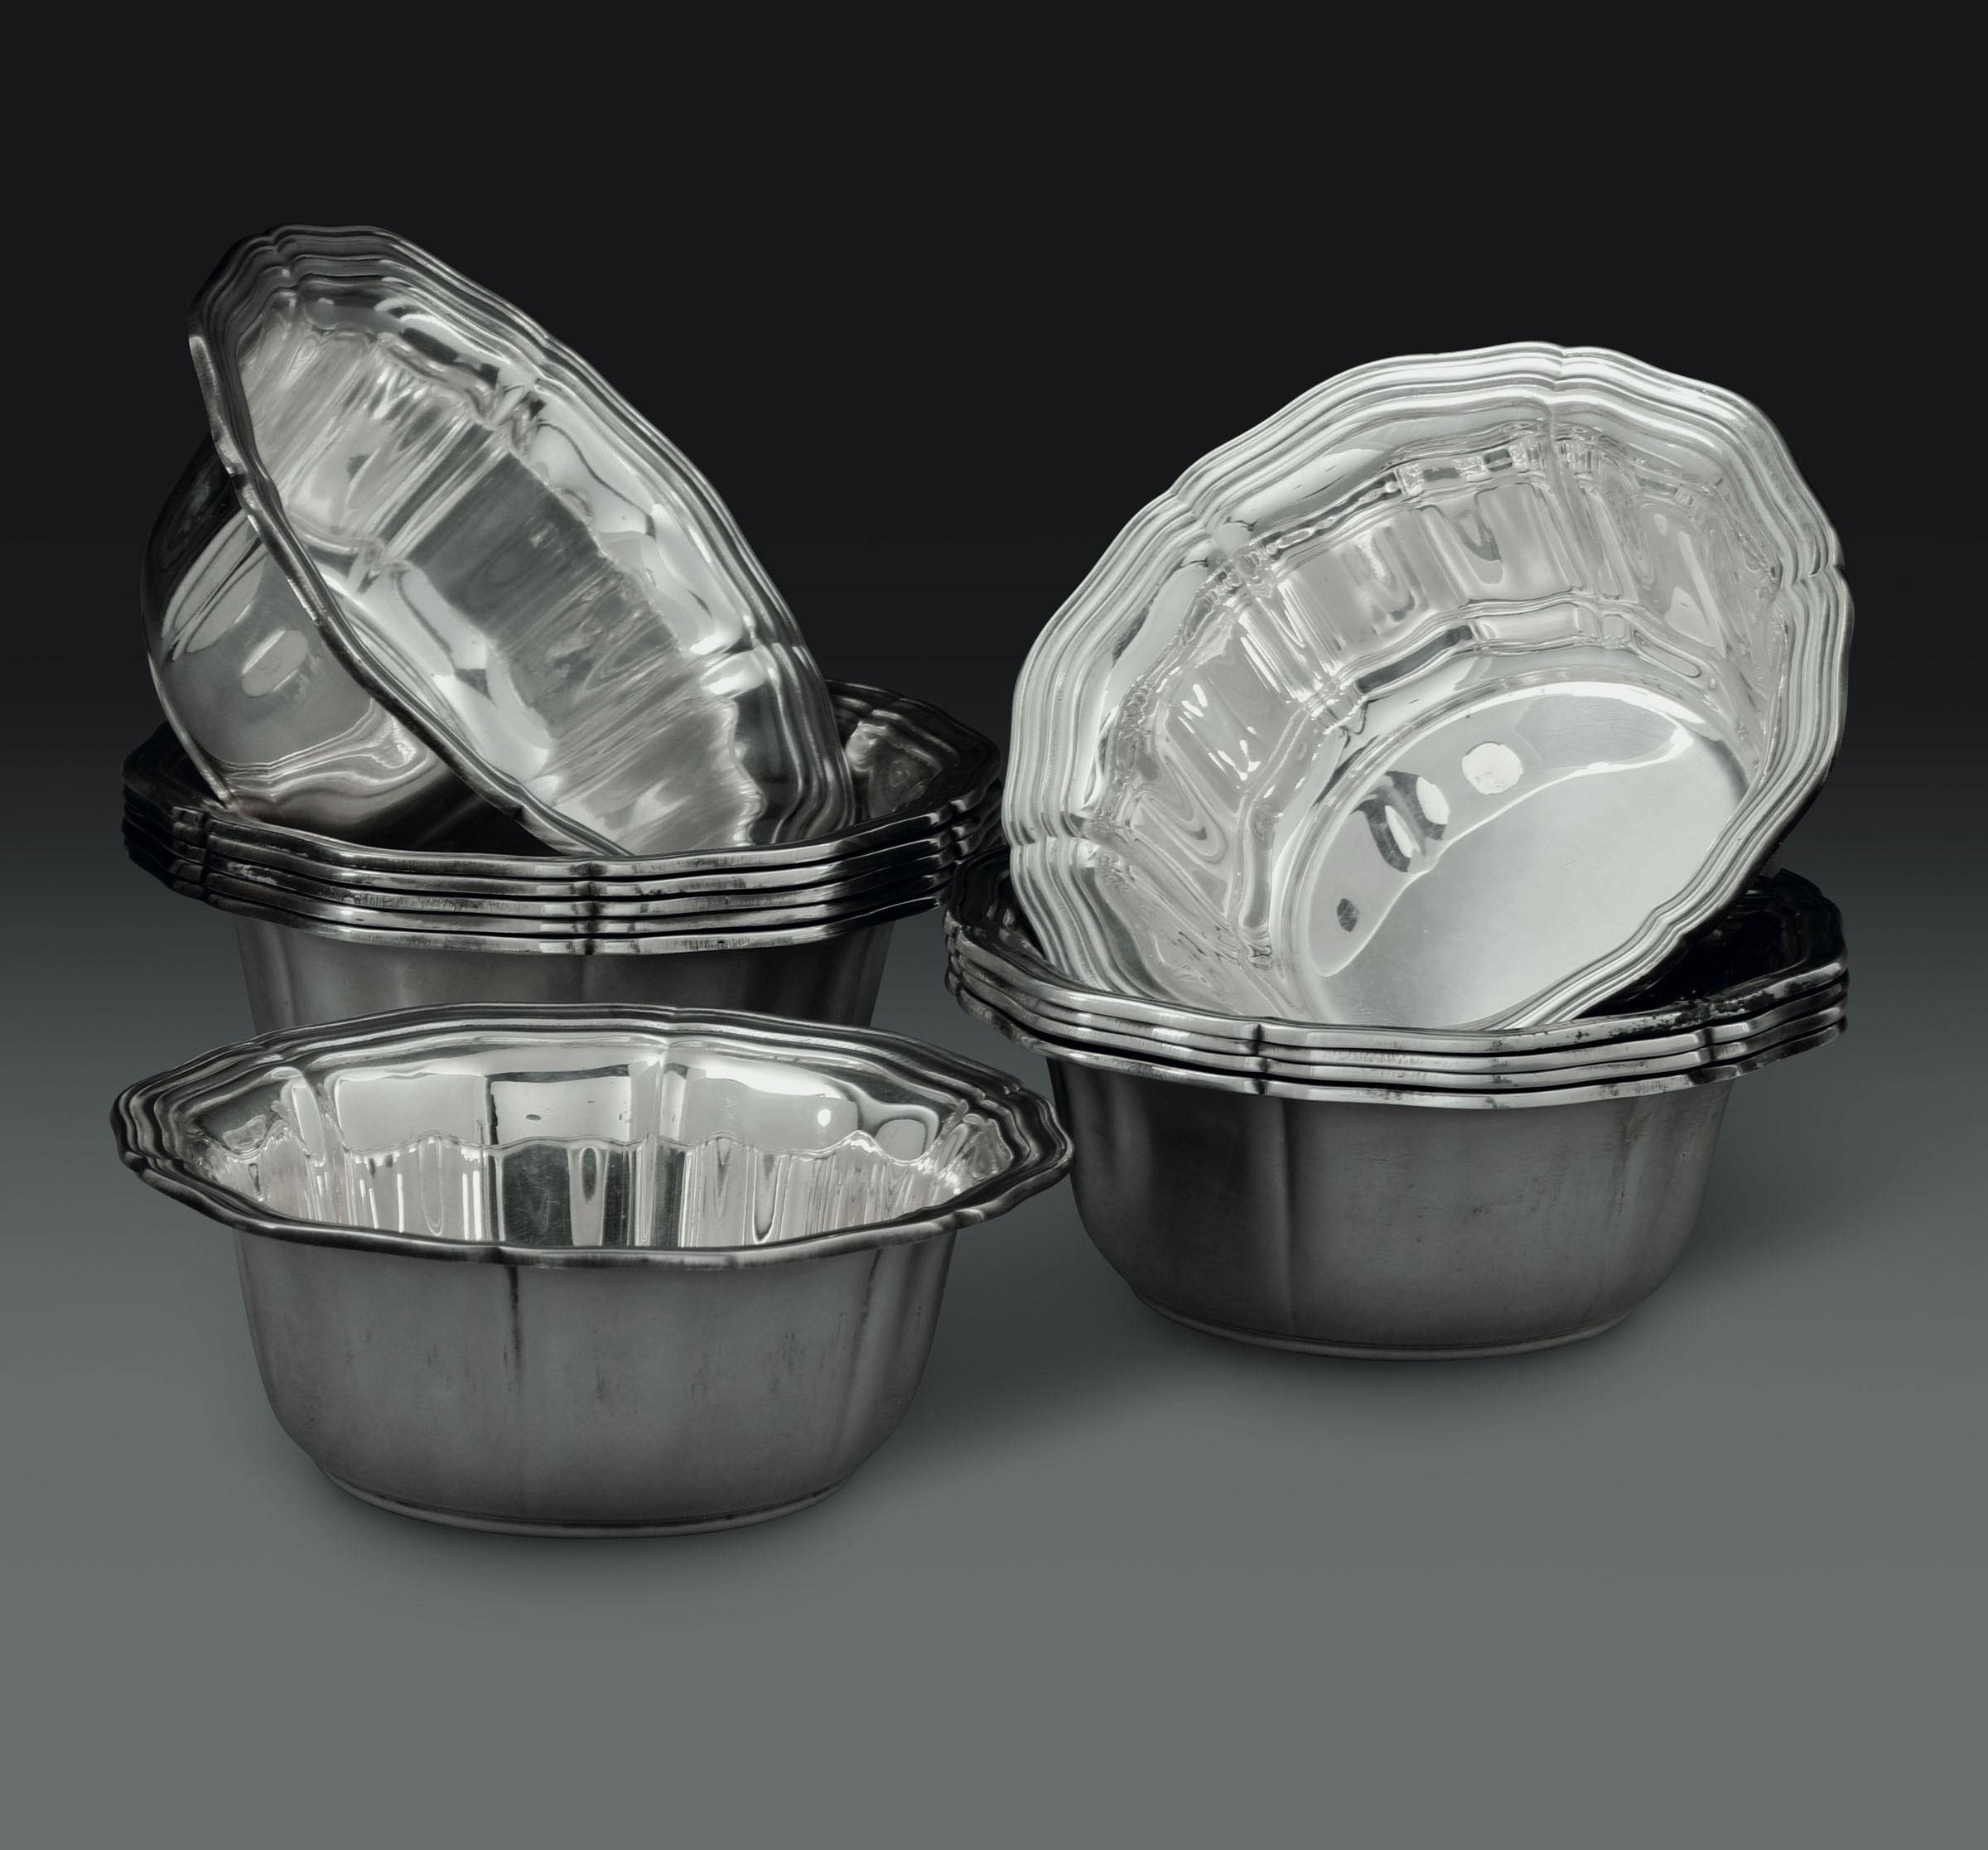 Lot 36 - Dodici coppette in argento. Manifattura italiana del XX secolo. Argentiere Ricci, [...]